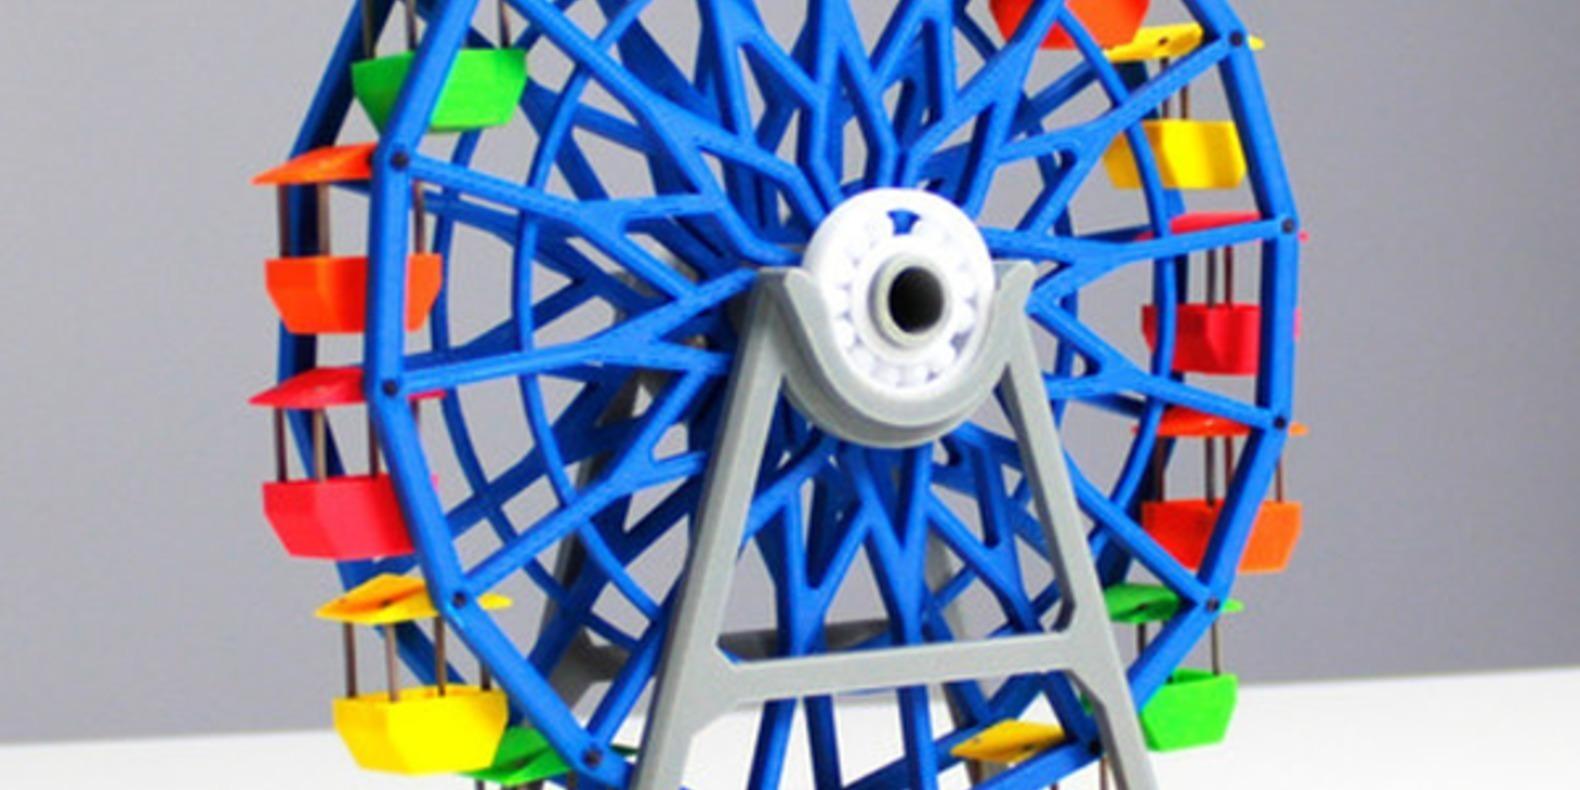 3.Grande_Roue-Zortrax jouets imprimés en 3D